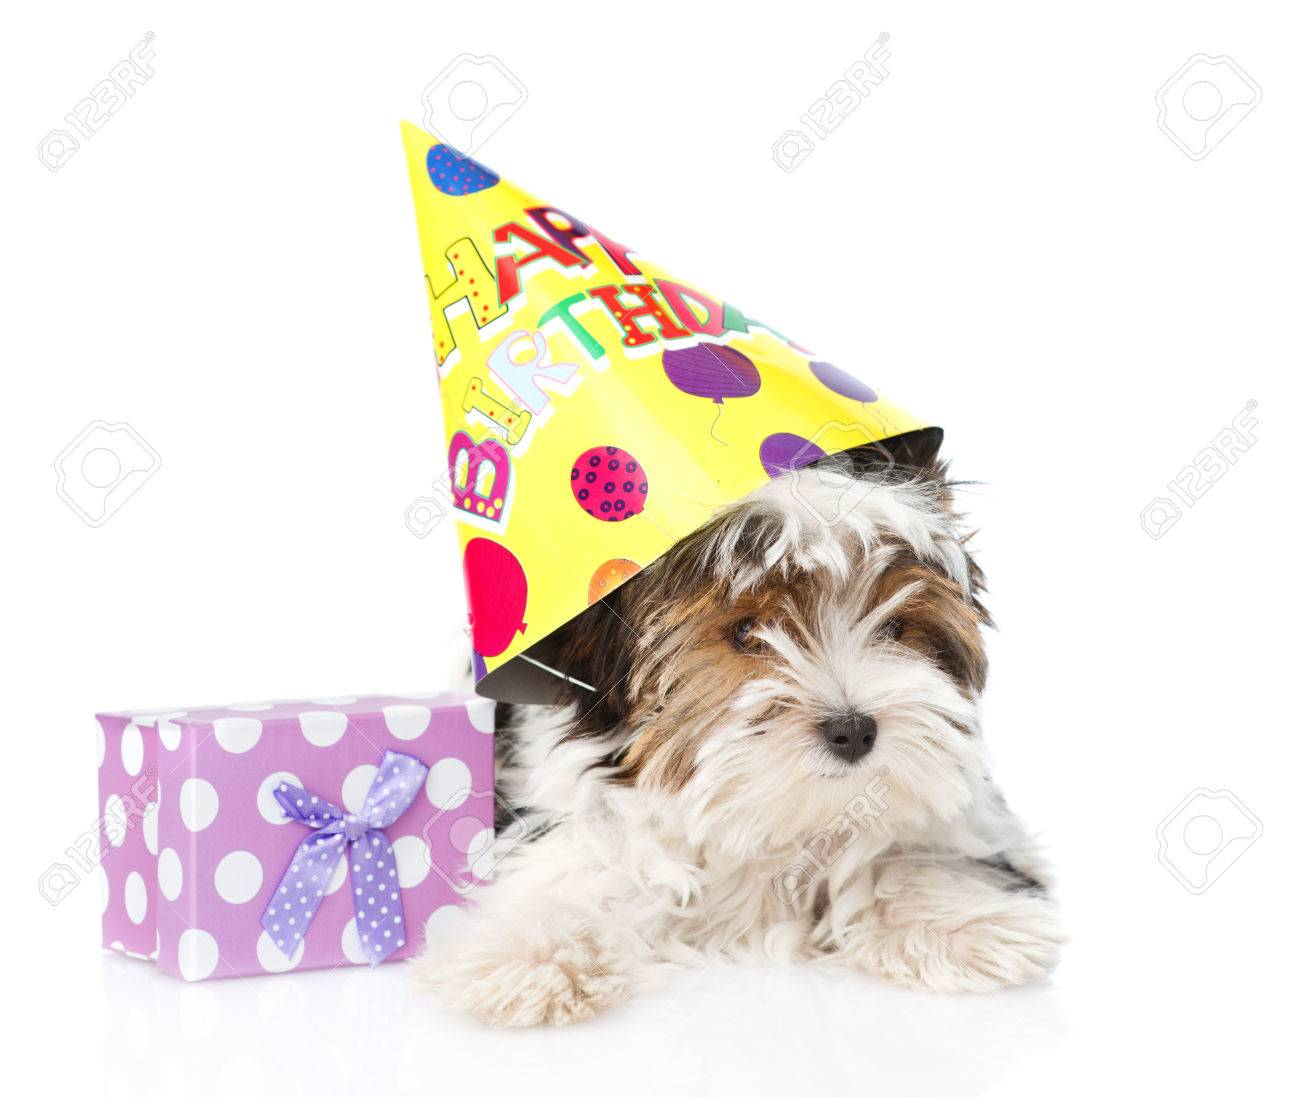 Biewer Yorkshire Terrier Welpe Mit Geburtstag Hat Und Geschenk Box